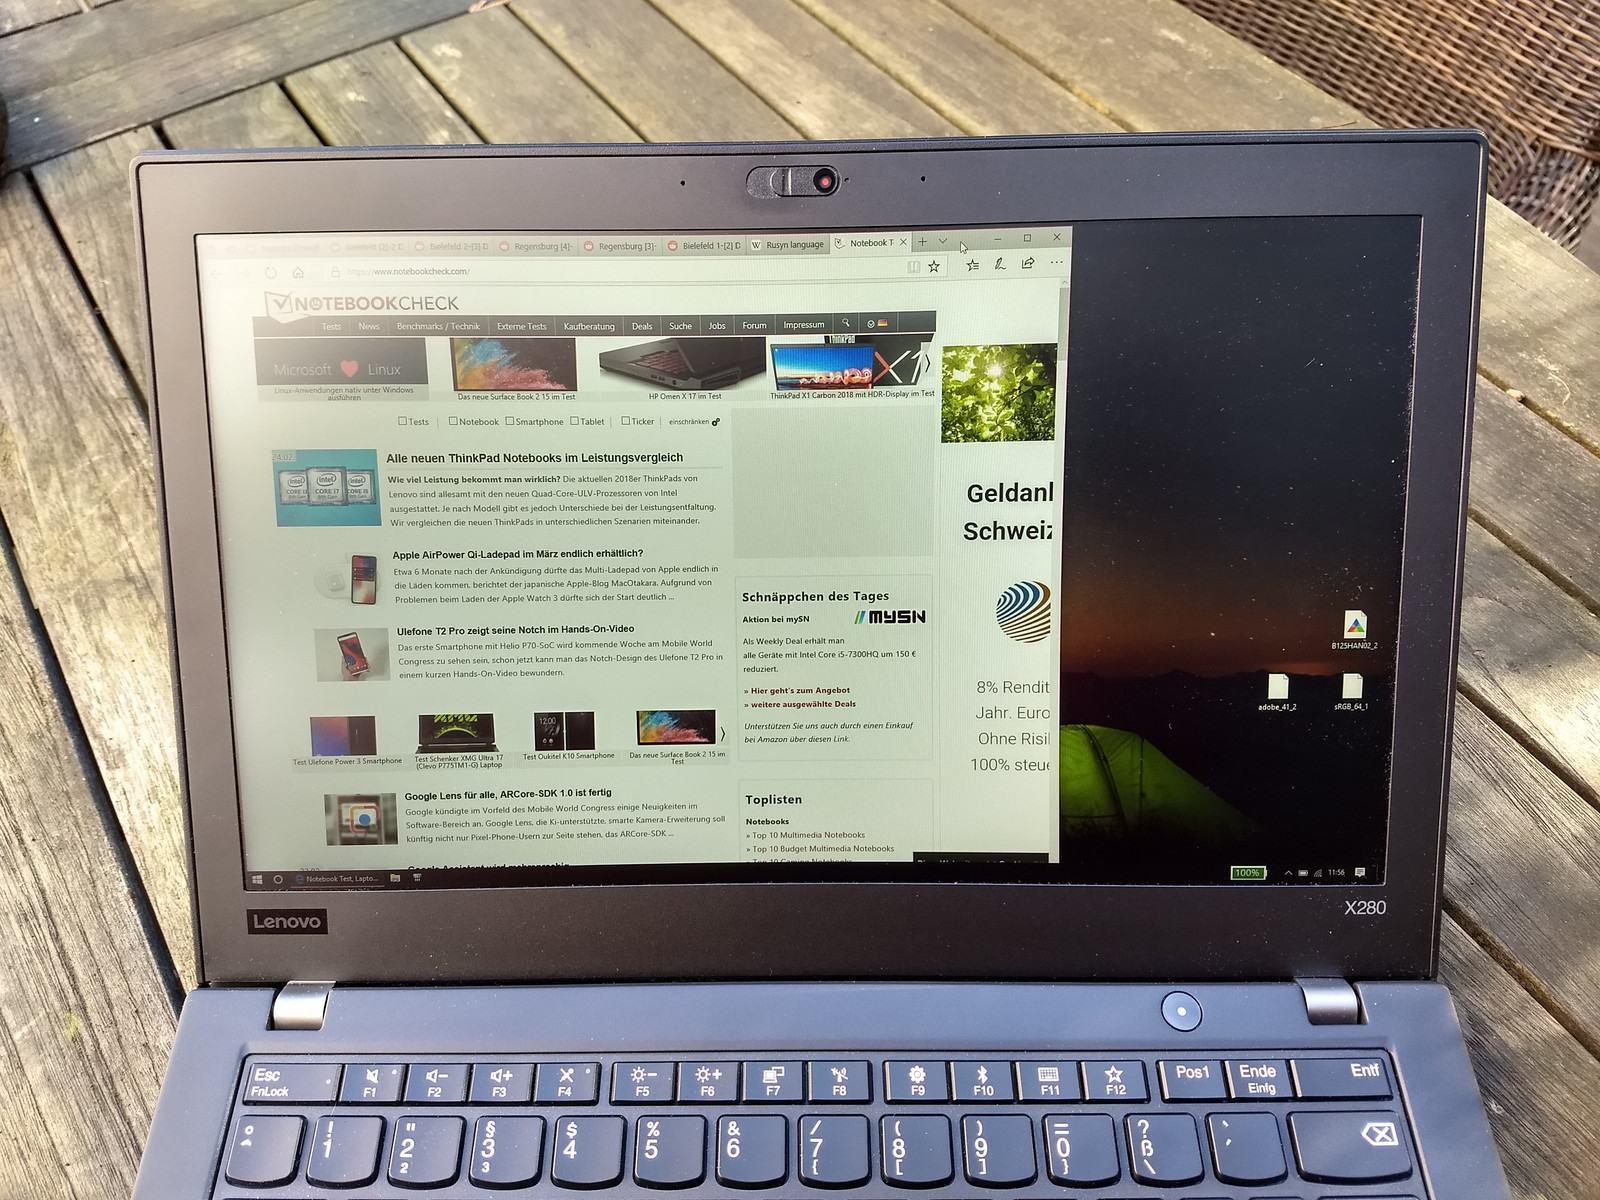 laptop cu x280